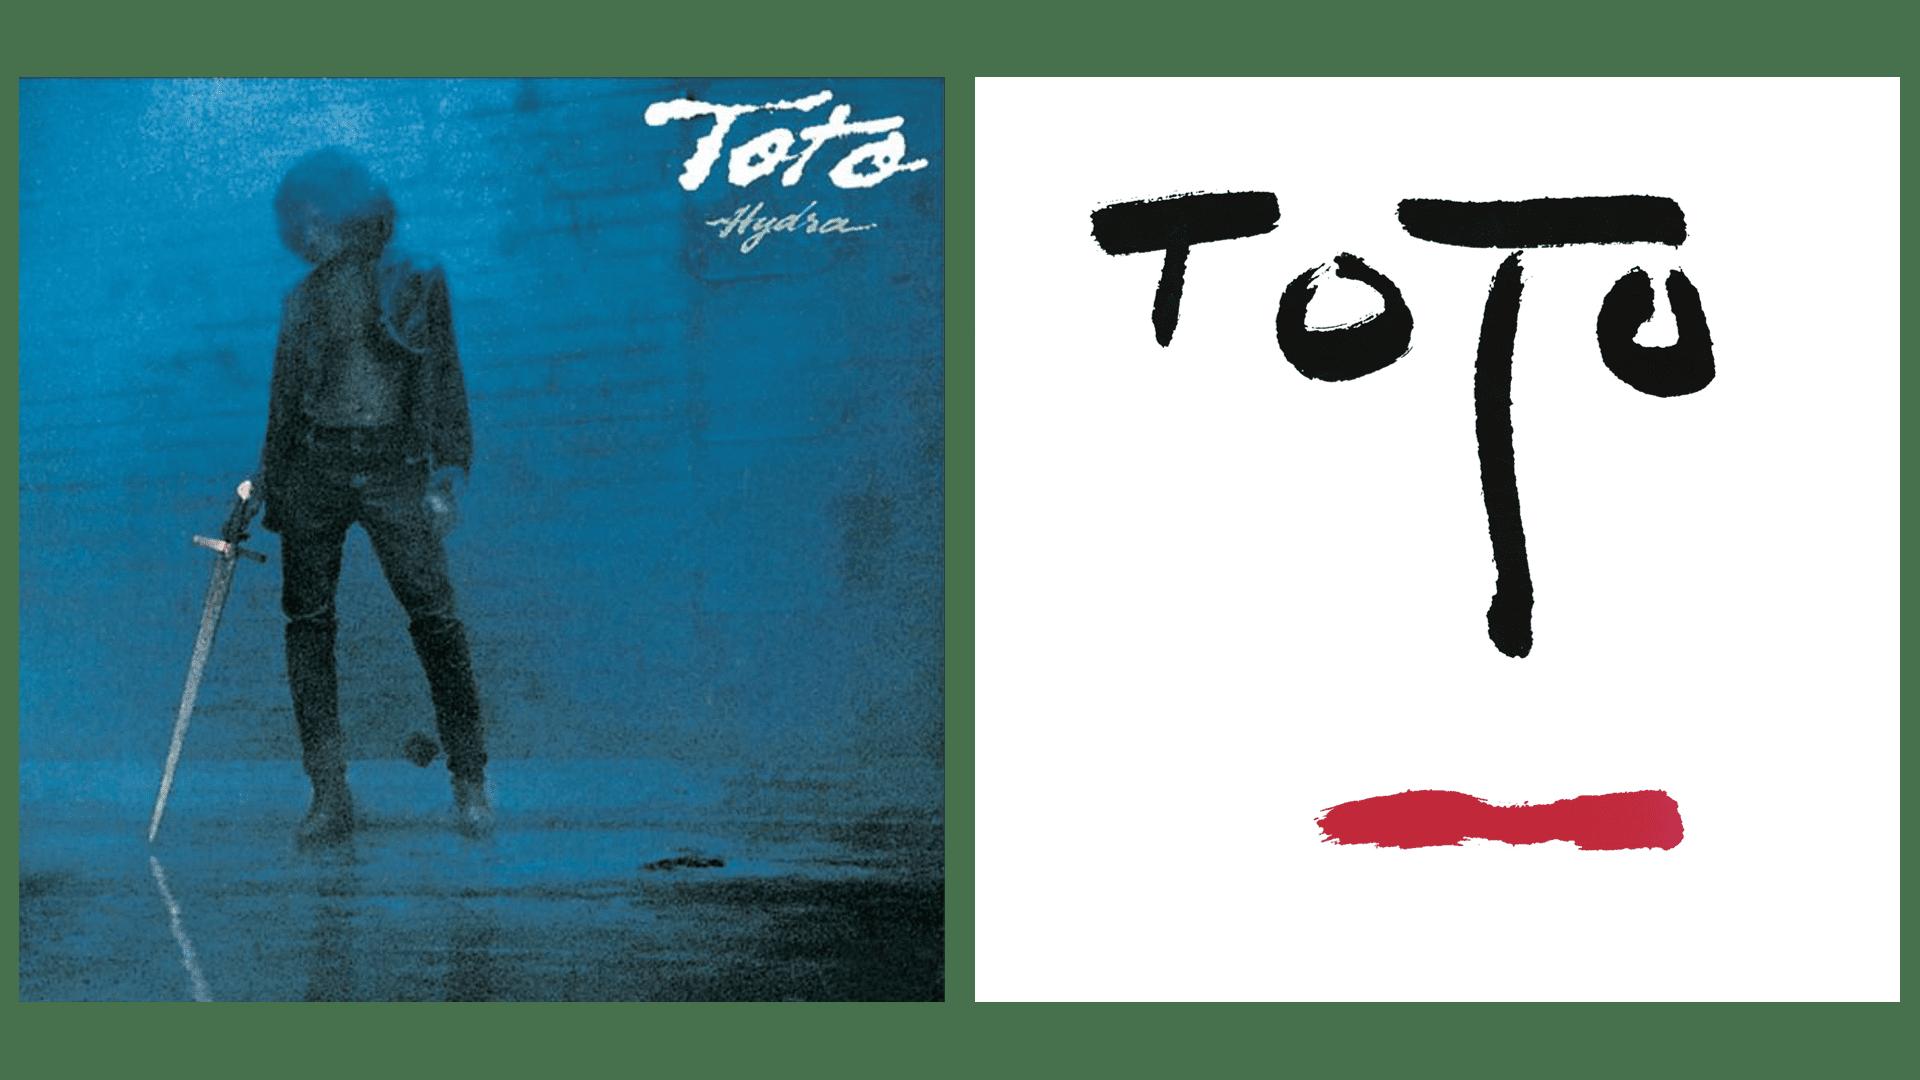 Toto_Hydra_Turn Back